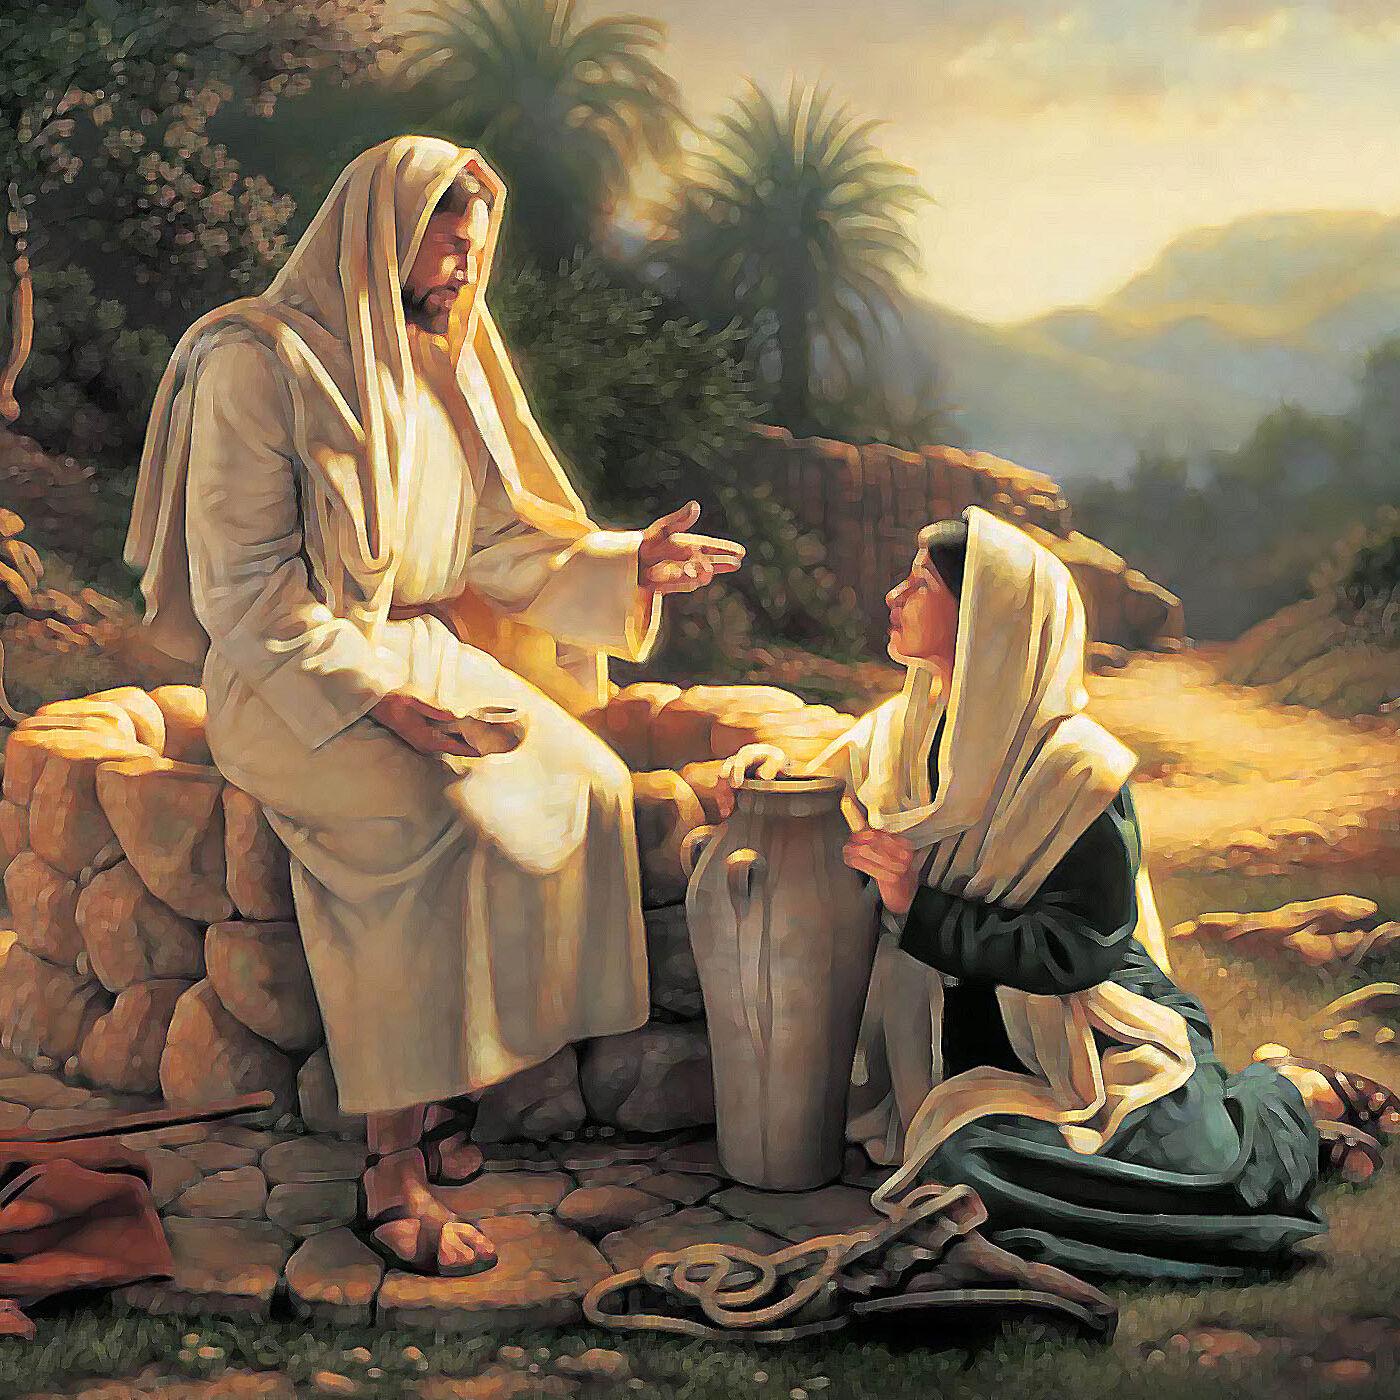 riflessioni sul Vangelo di Martedì 16 Febbraio 2021 (Mc 8, 14-21) - Apostola Michela